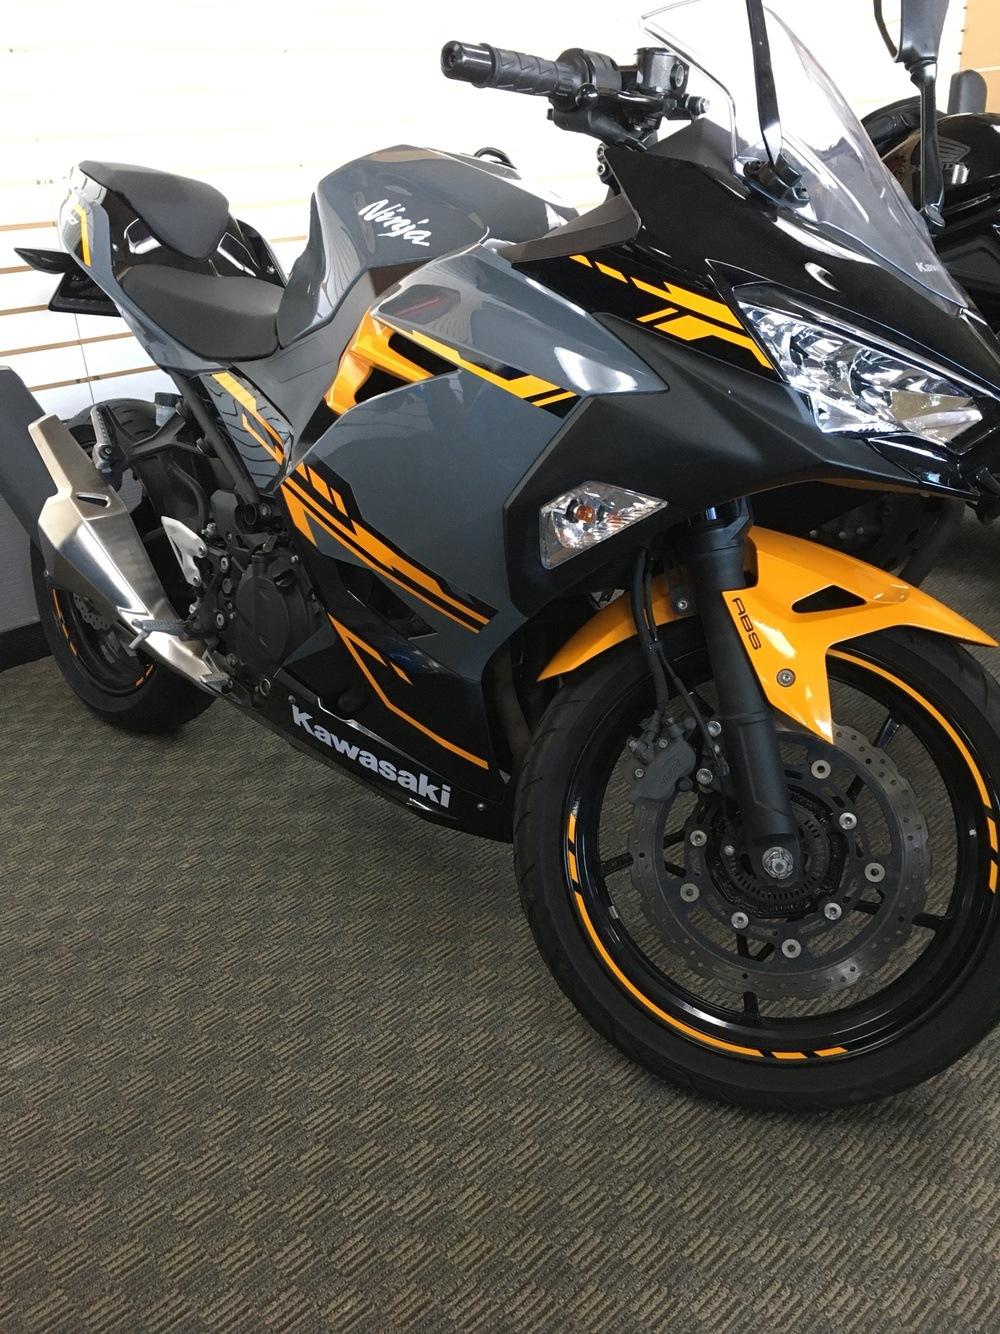 2018 Kawasaki Ninja 400 ABS 2